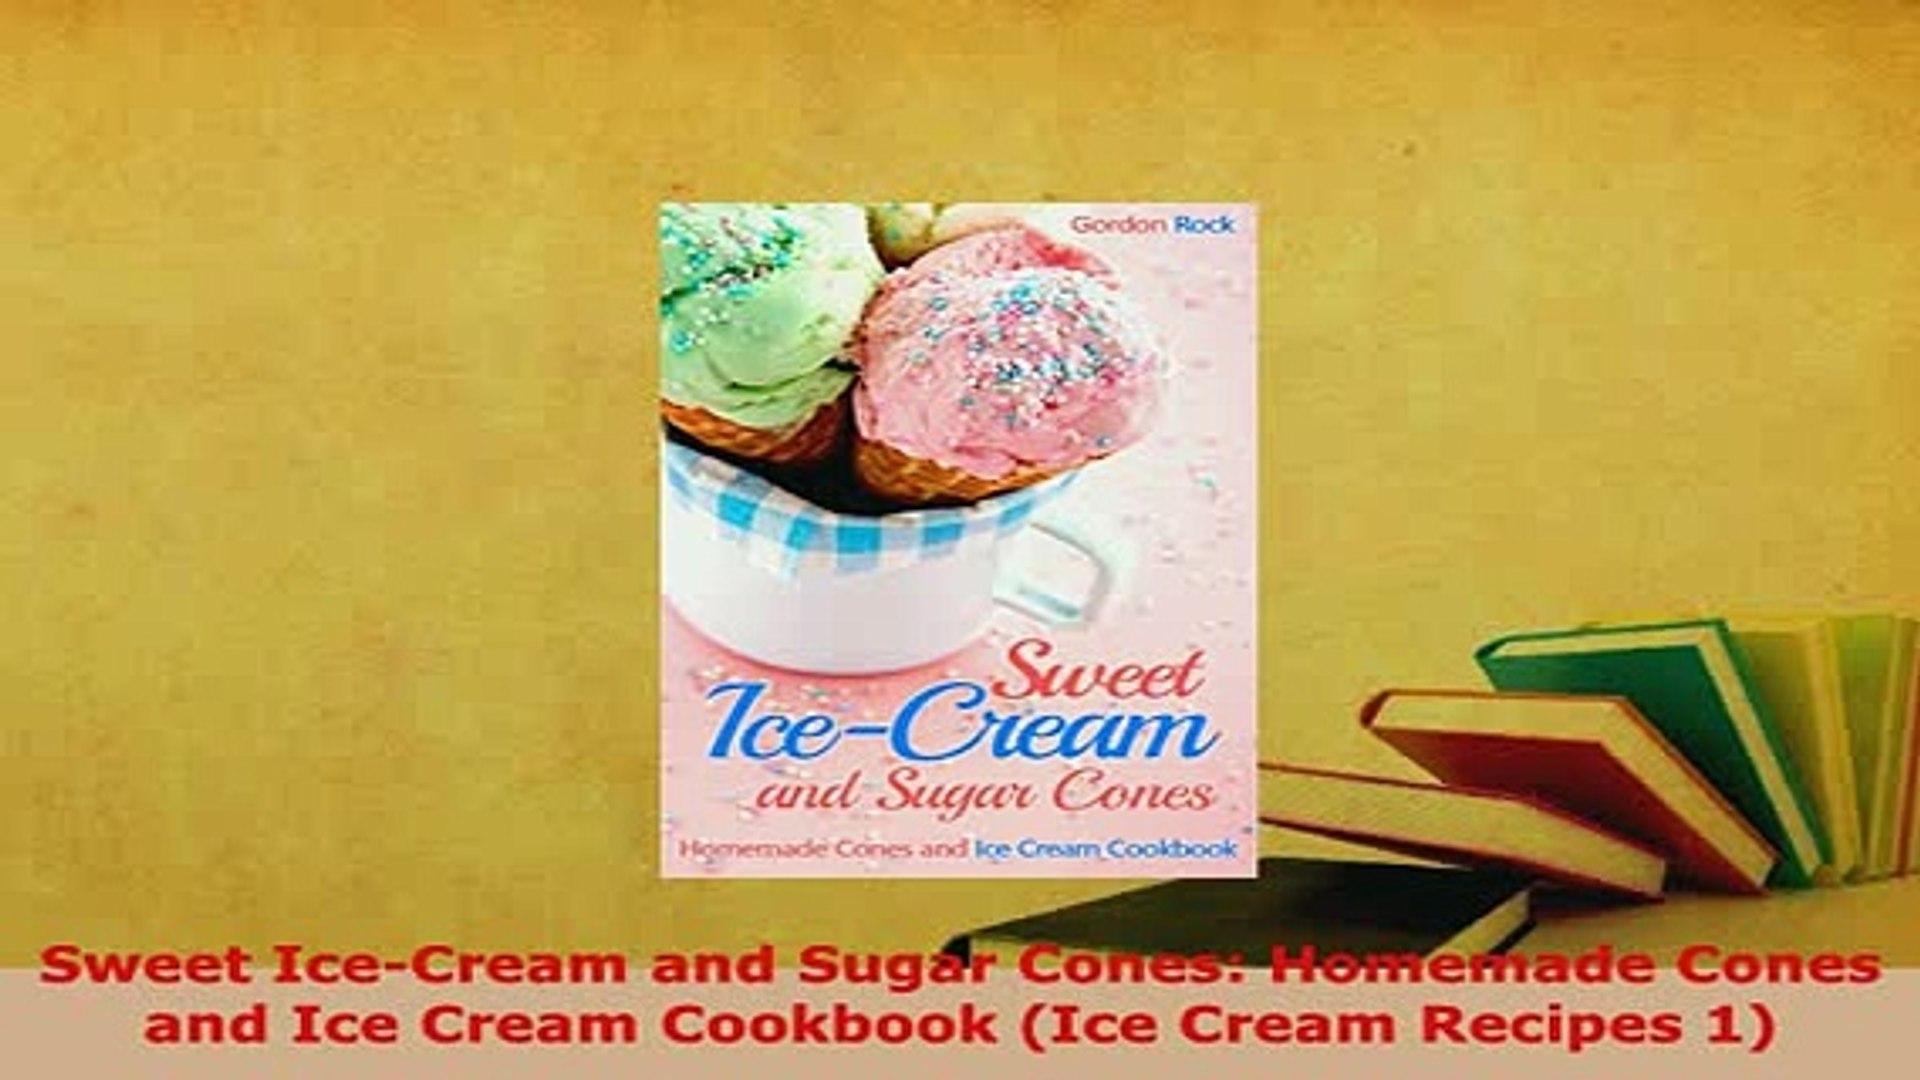 Sweet Ice-Cream and Sugar Cones: Homemade Cones and Ice Cream Cookbook (Ice Cream Recipes 1)